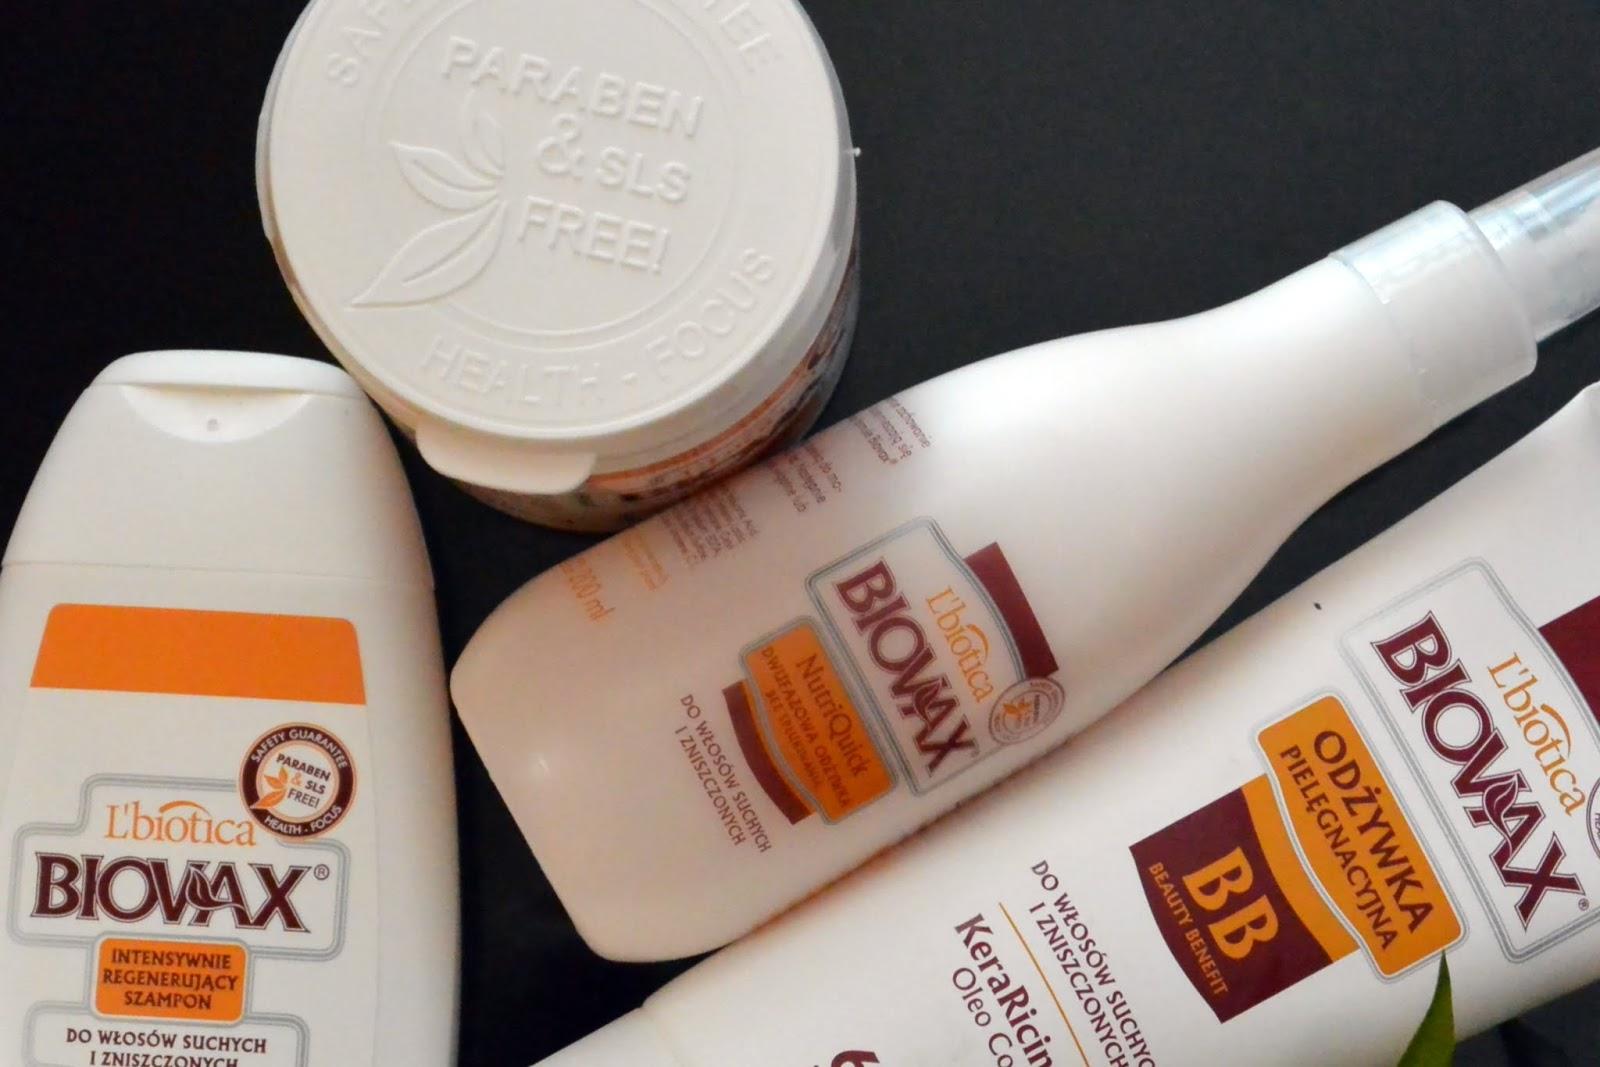 Intensywnie regenerująca linia do pielęgnacji włosów suchych i zniszczonych / L'Biotica BIOVAX